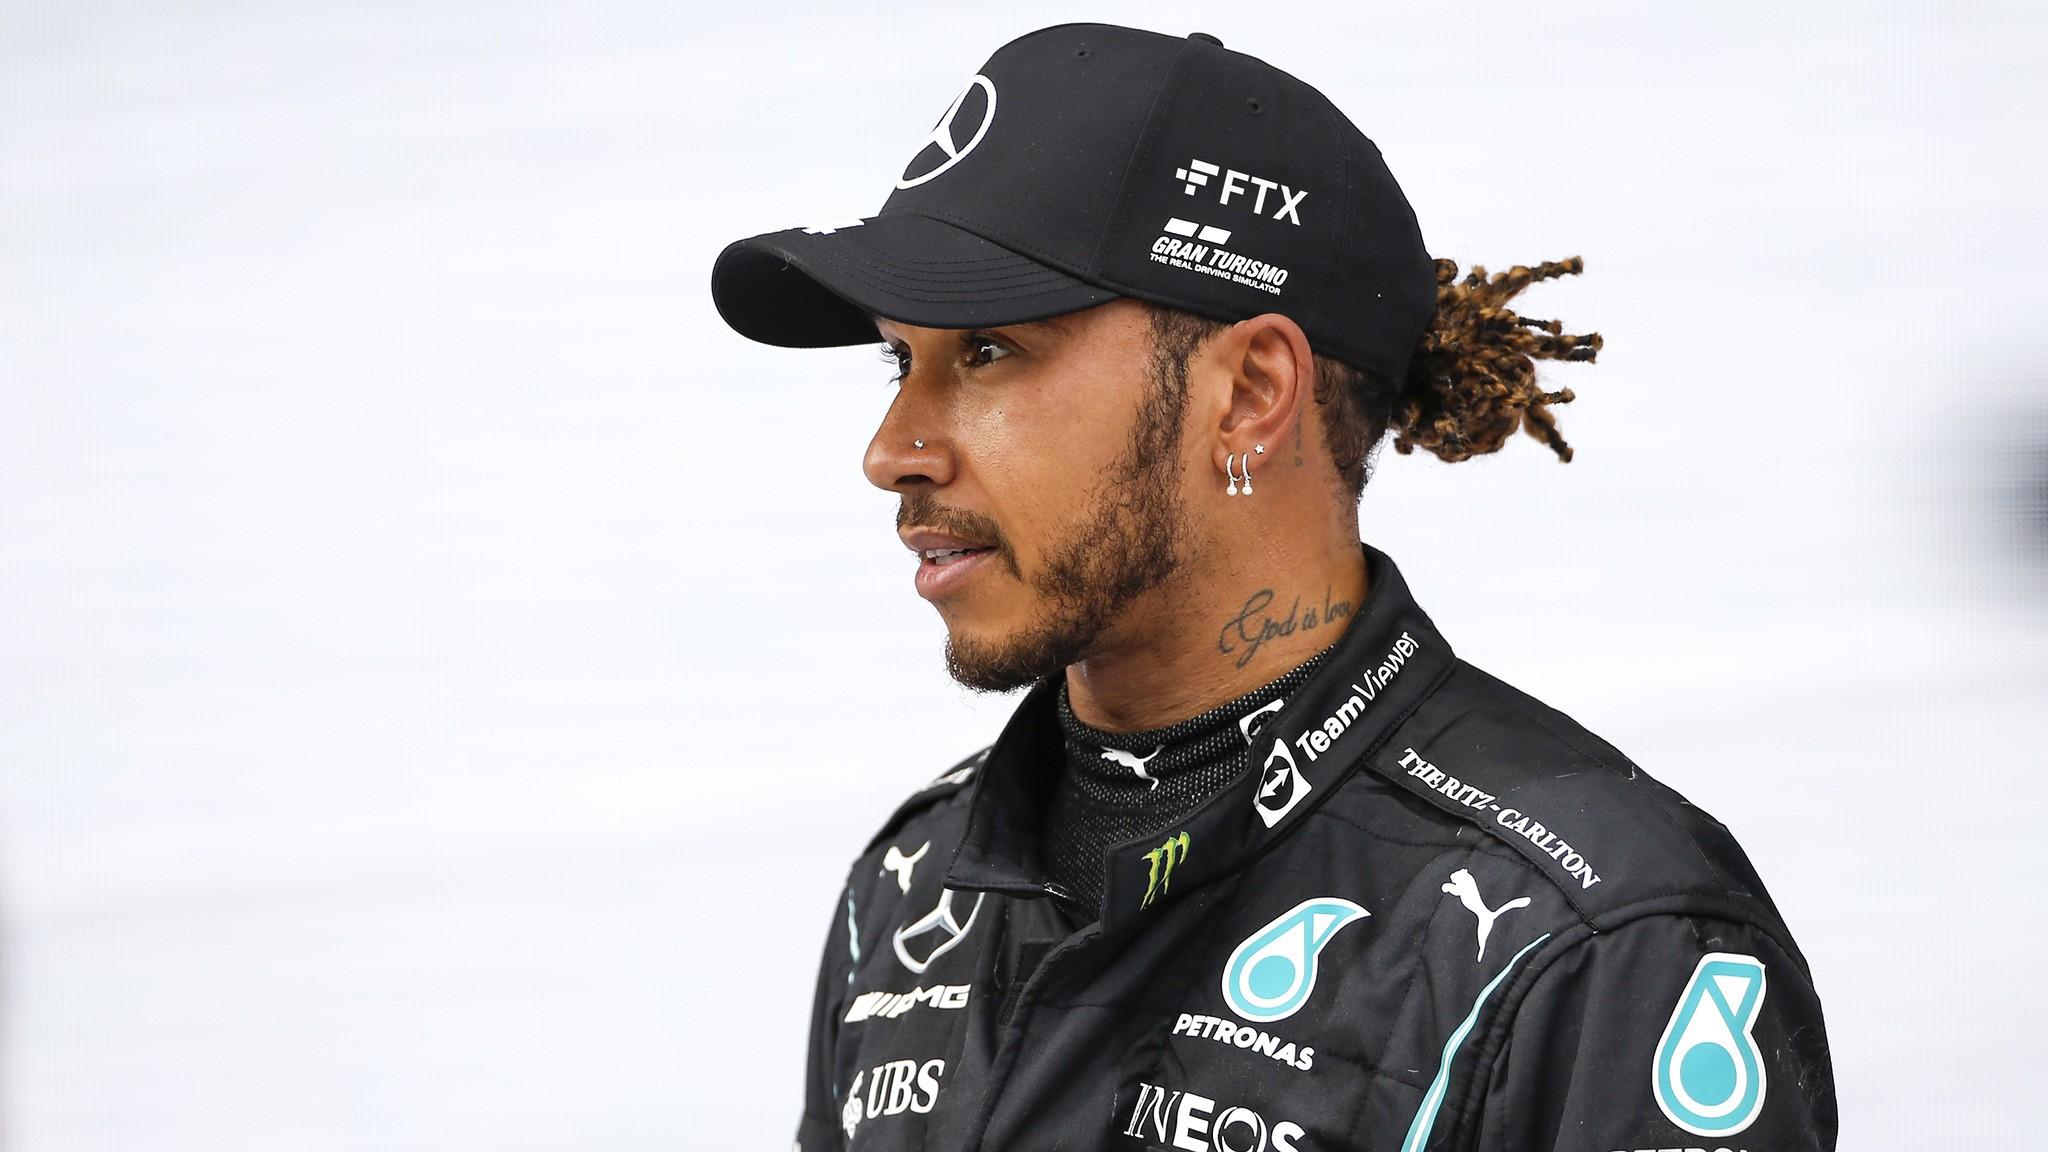 FTX und das Mercedes-AMG Petronas F1 Team verkünden Partnerschaft